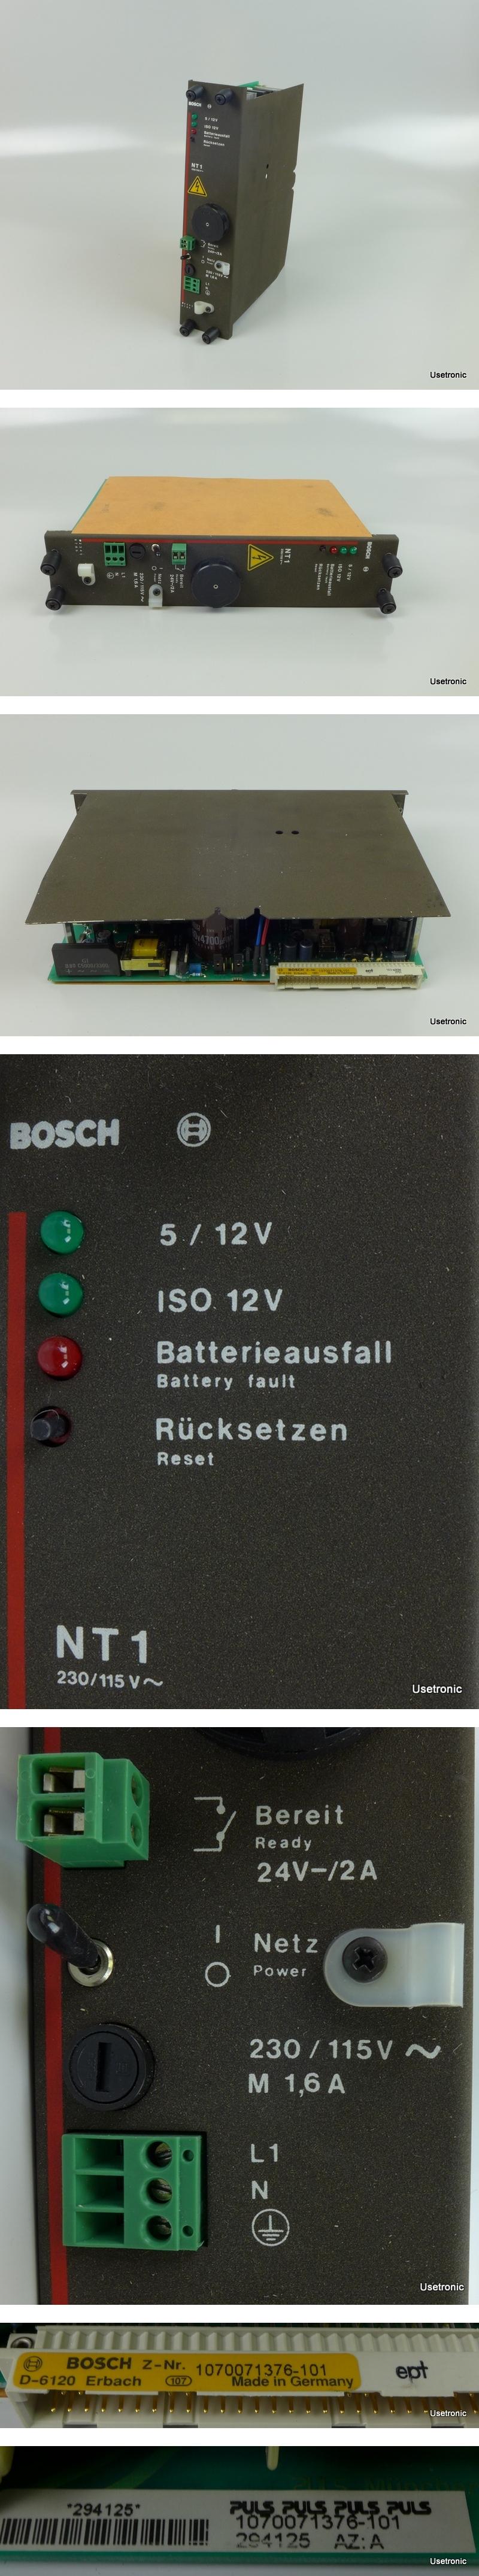 Bosch 1070071376-101